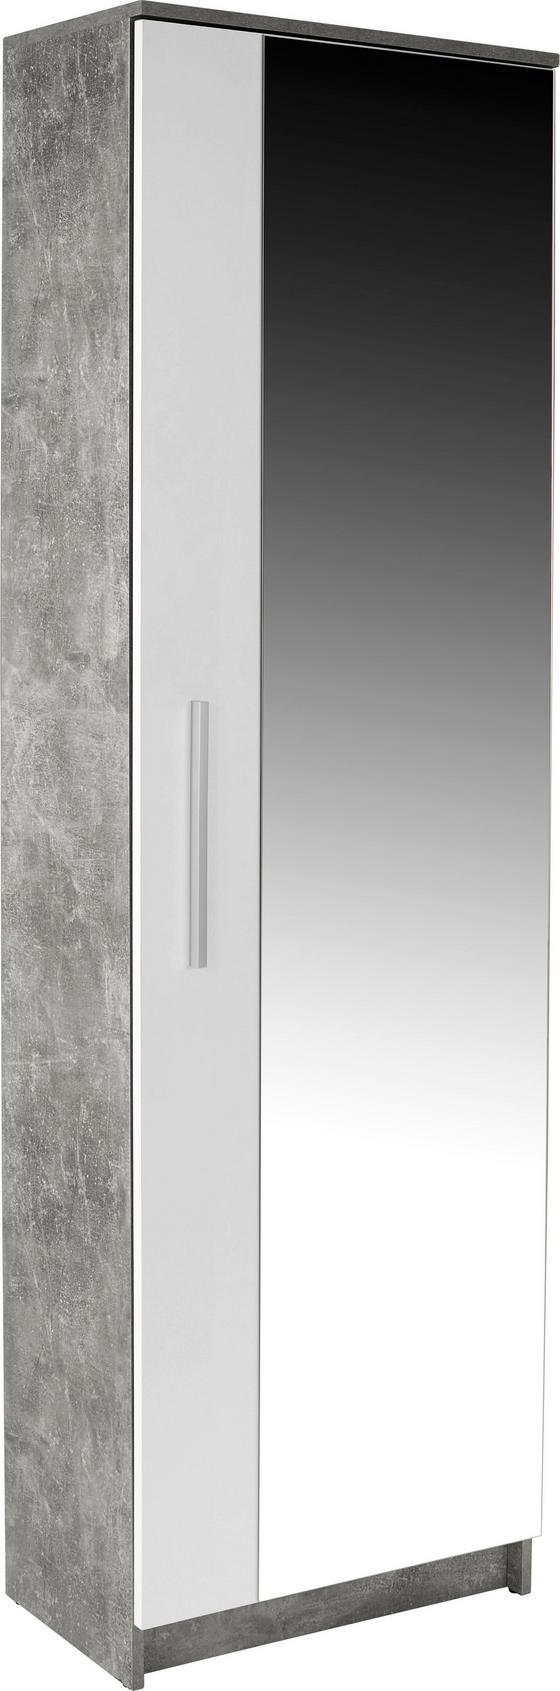 Előszobaszekrény Tina - Világosszürke/Fehér, modern, Faalapú anyag/Üveg (60/198/32cm)